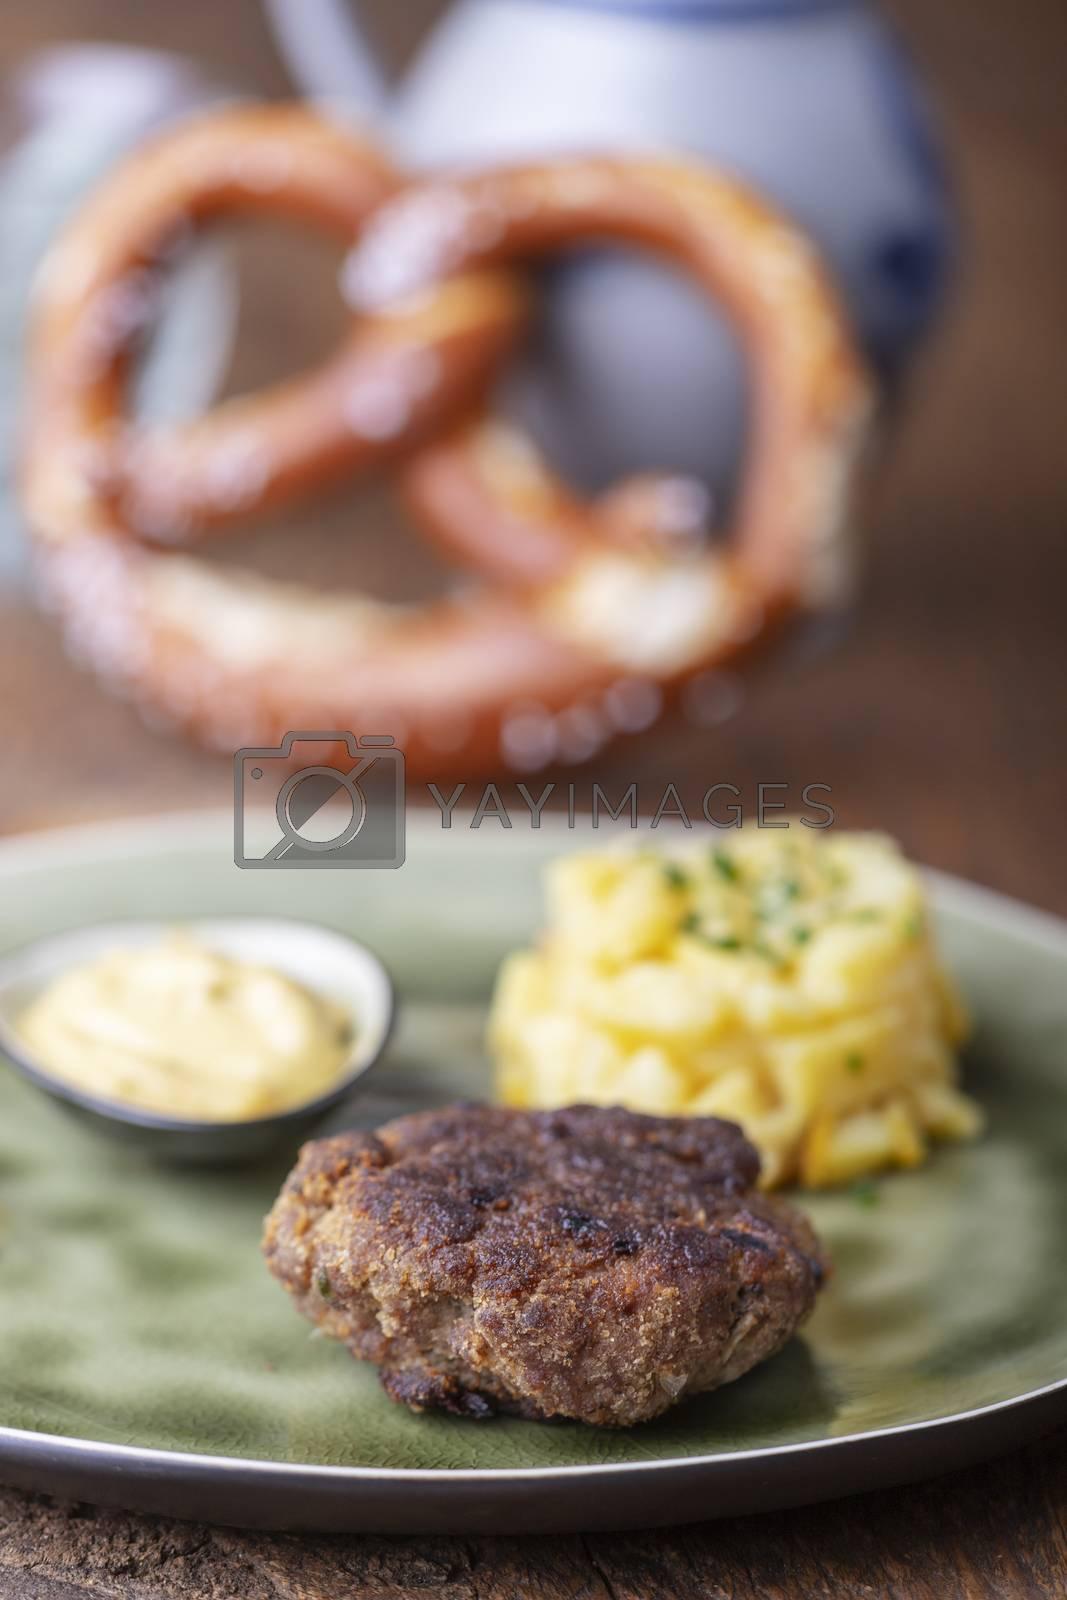 bavarian fleischpflanzerl, minced meat balls  by bernjuer